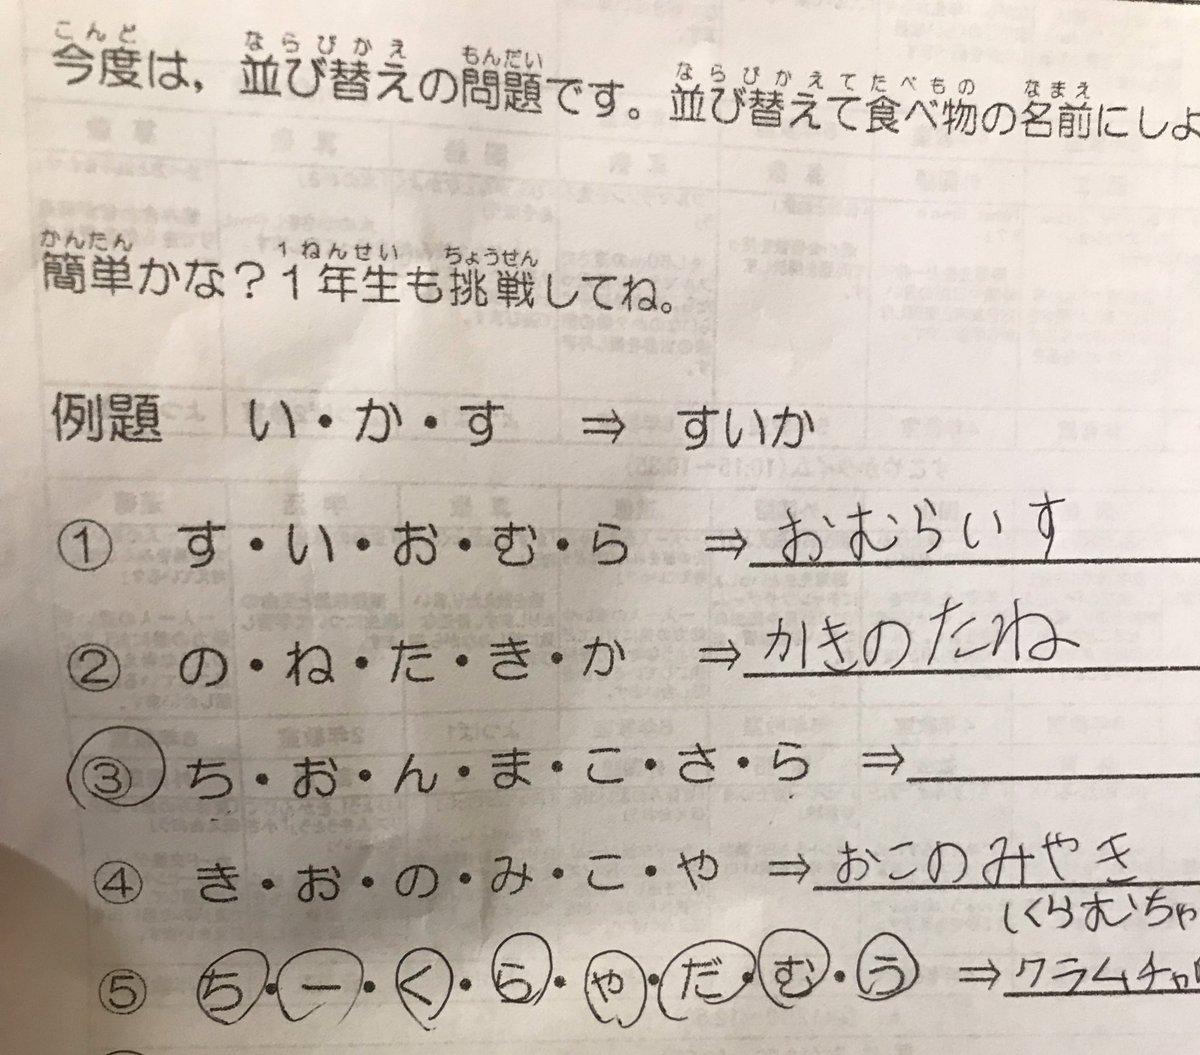 心が汚れていると解けない3番の並び替え問題、皆さんは答えがわかりましたか?